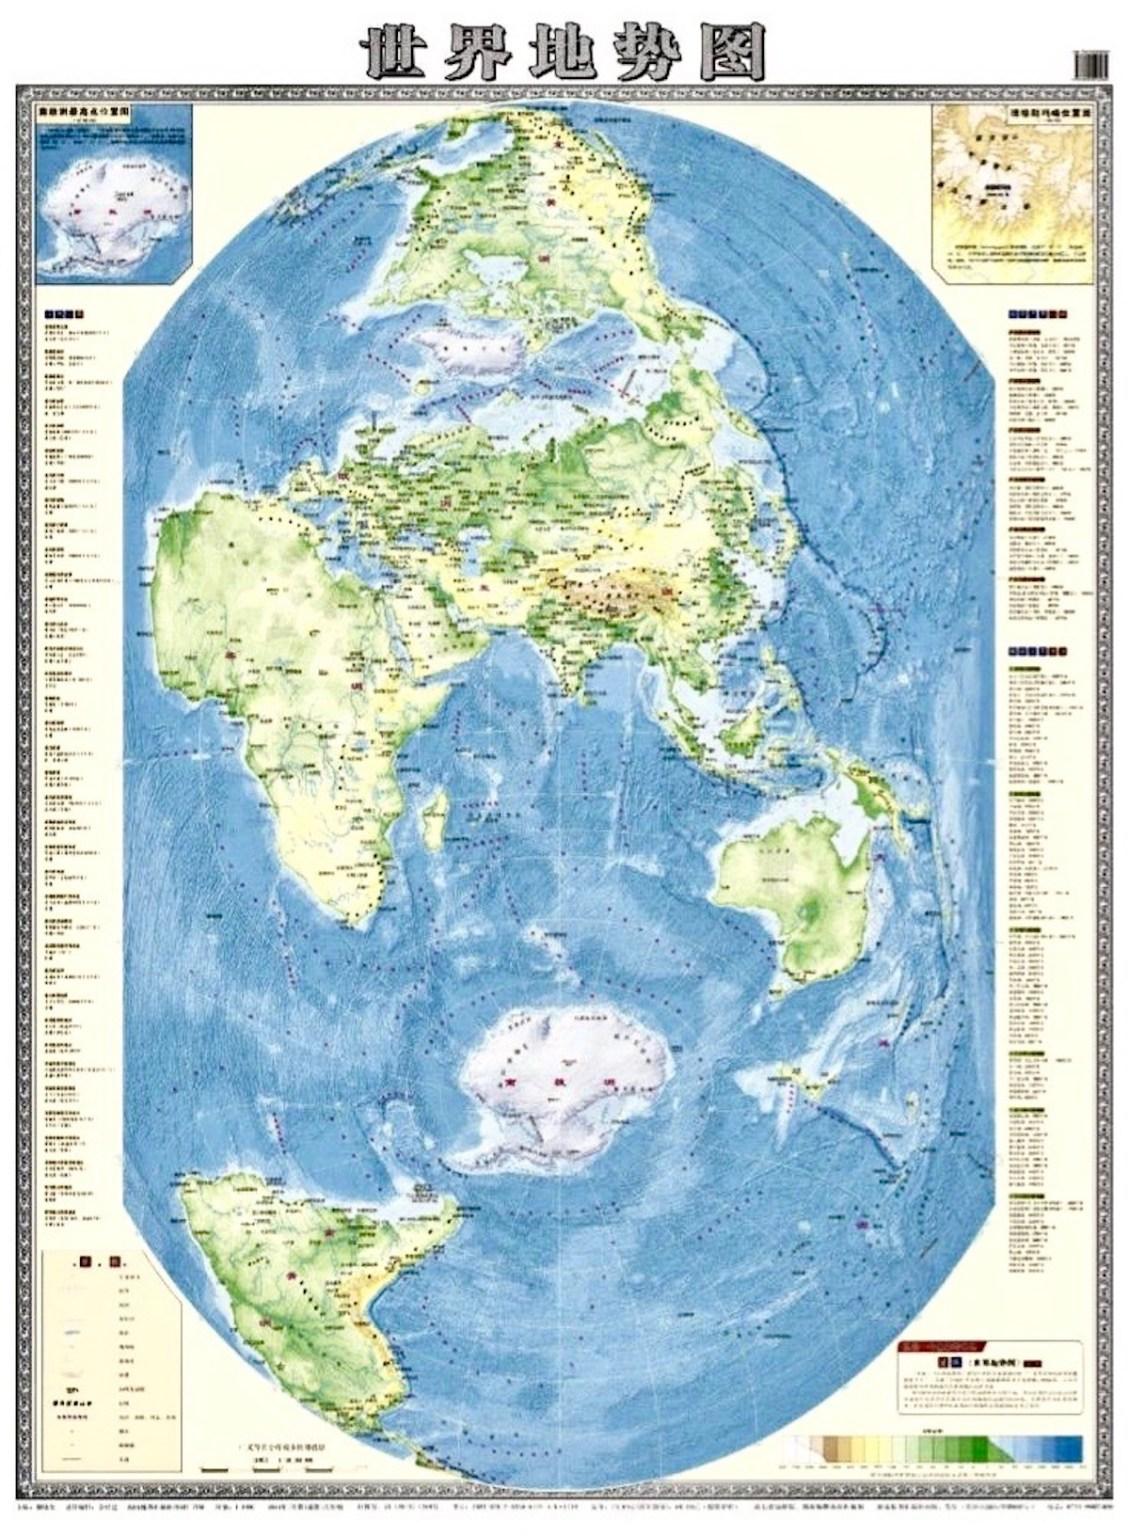 mapa china pepe escobar xi jinping